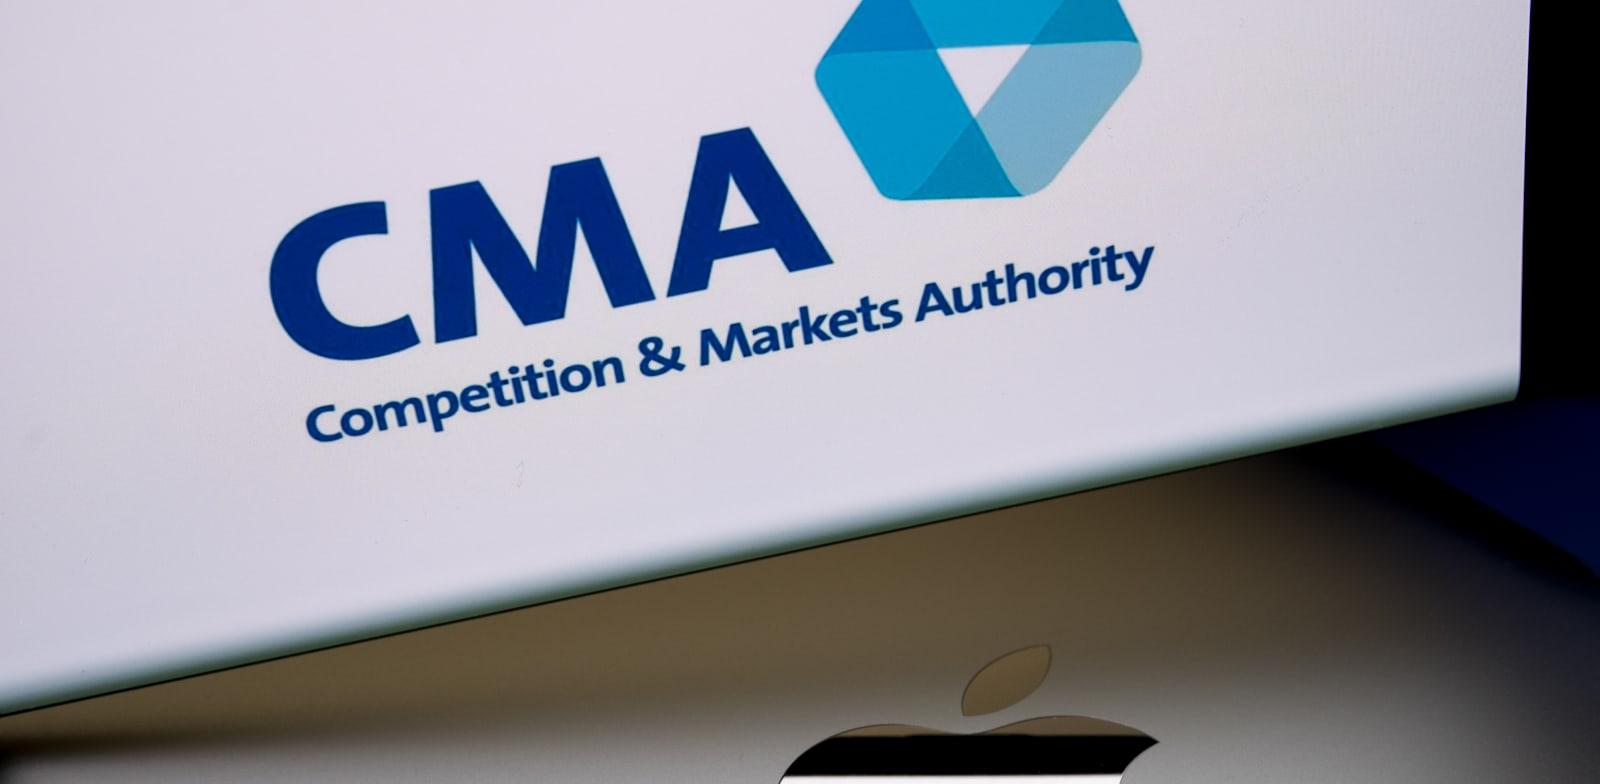 רשות התחרות והשווקים בבריטניה חוקרת אם חנות האפליקציות של אפל קבעה  למפתחי אפליקציות תנאים לא הוגנים / צילום: Shutterstock, mundissima